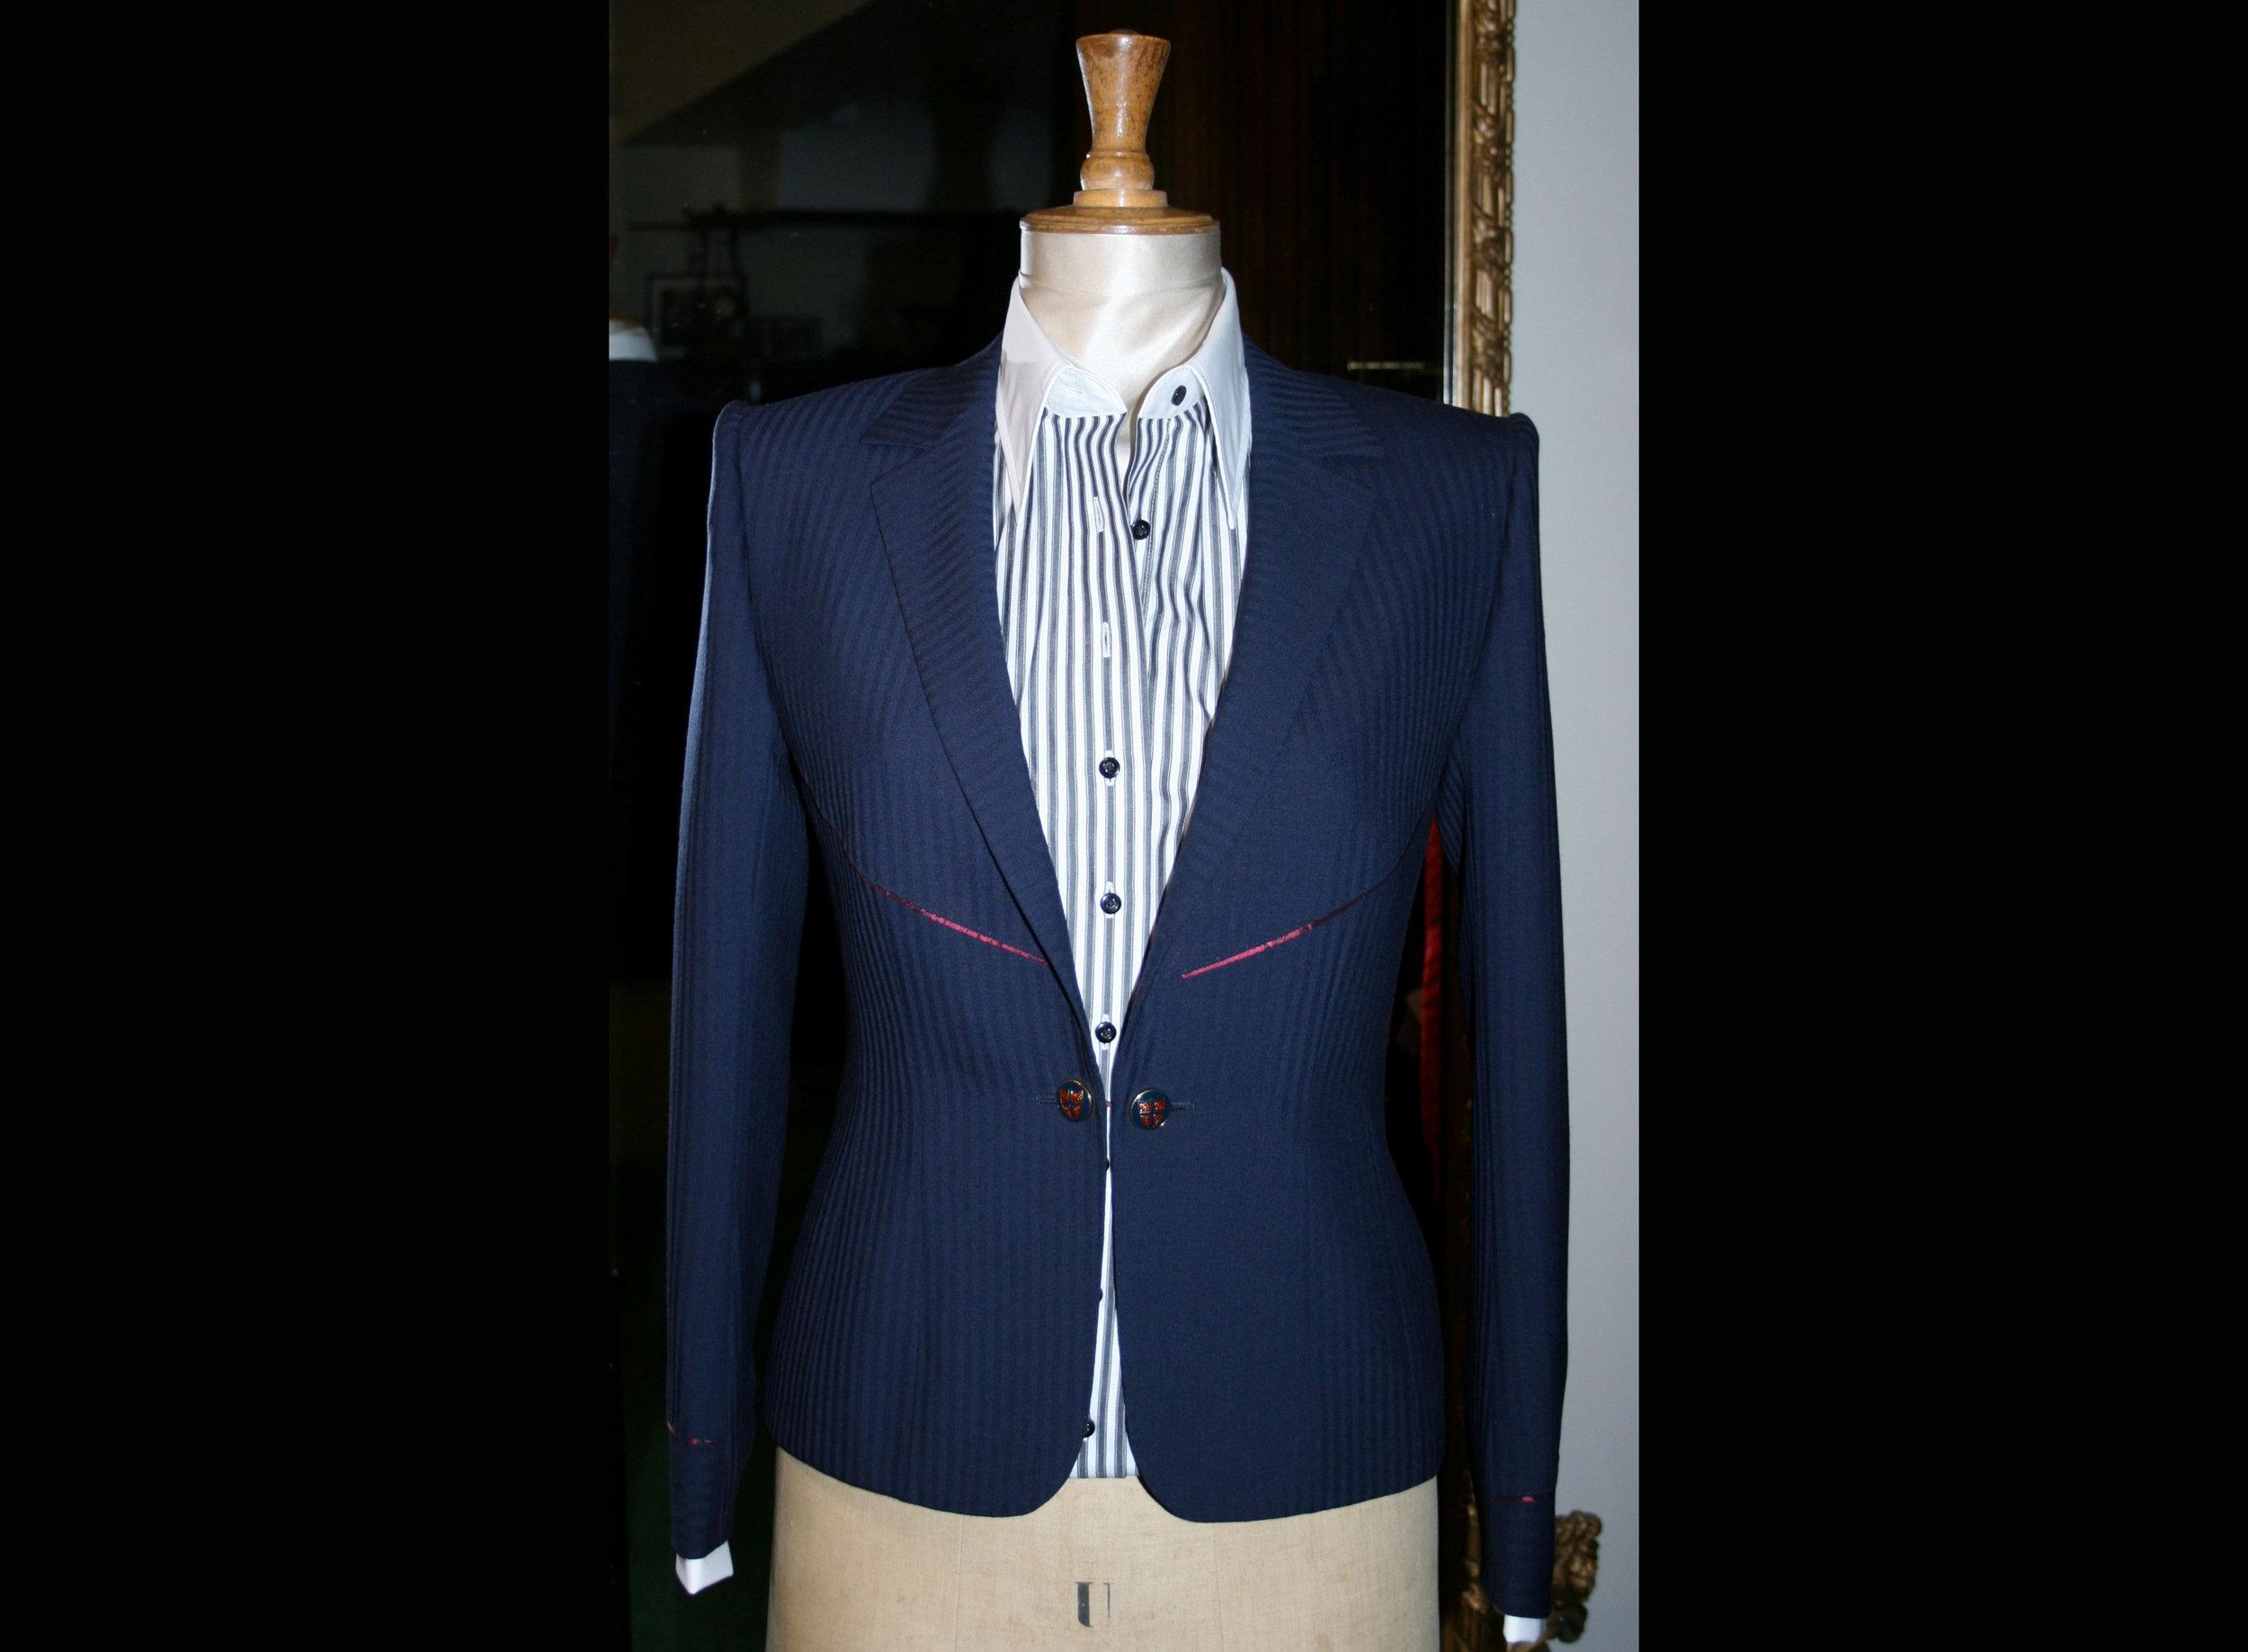 gallery_Tarita's jacket 007 (2).jpg